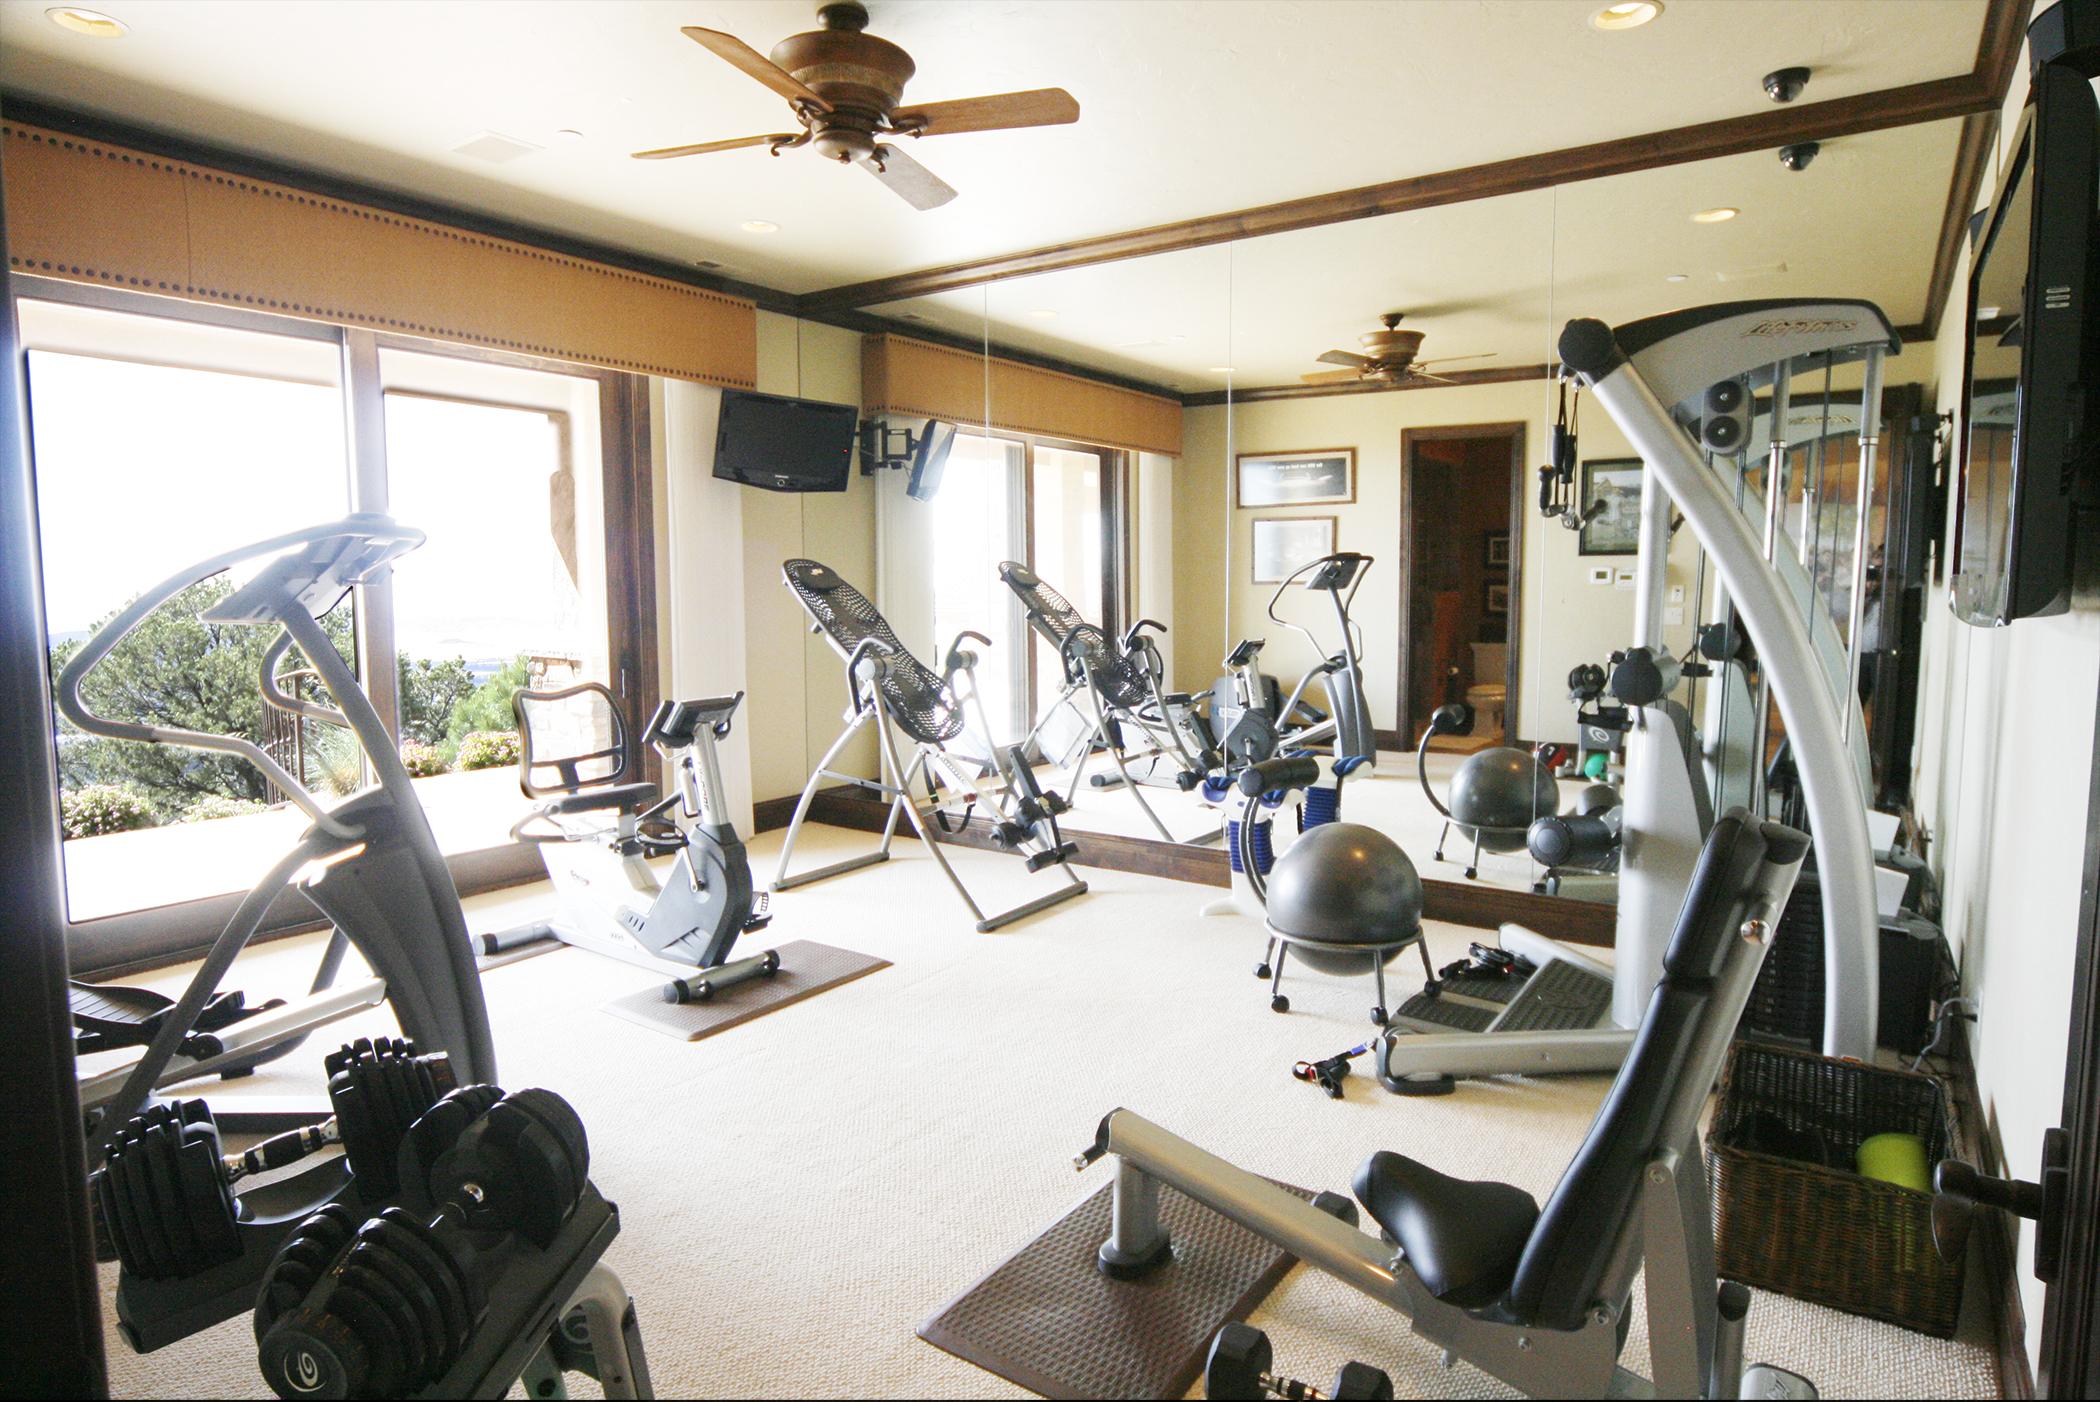 23-Exercise Room.jpg